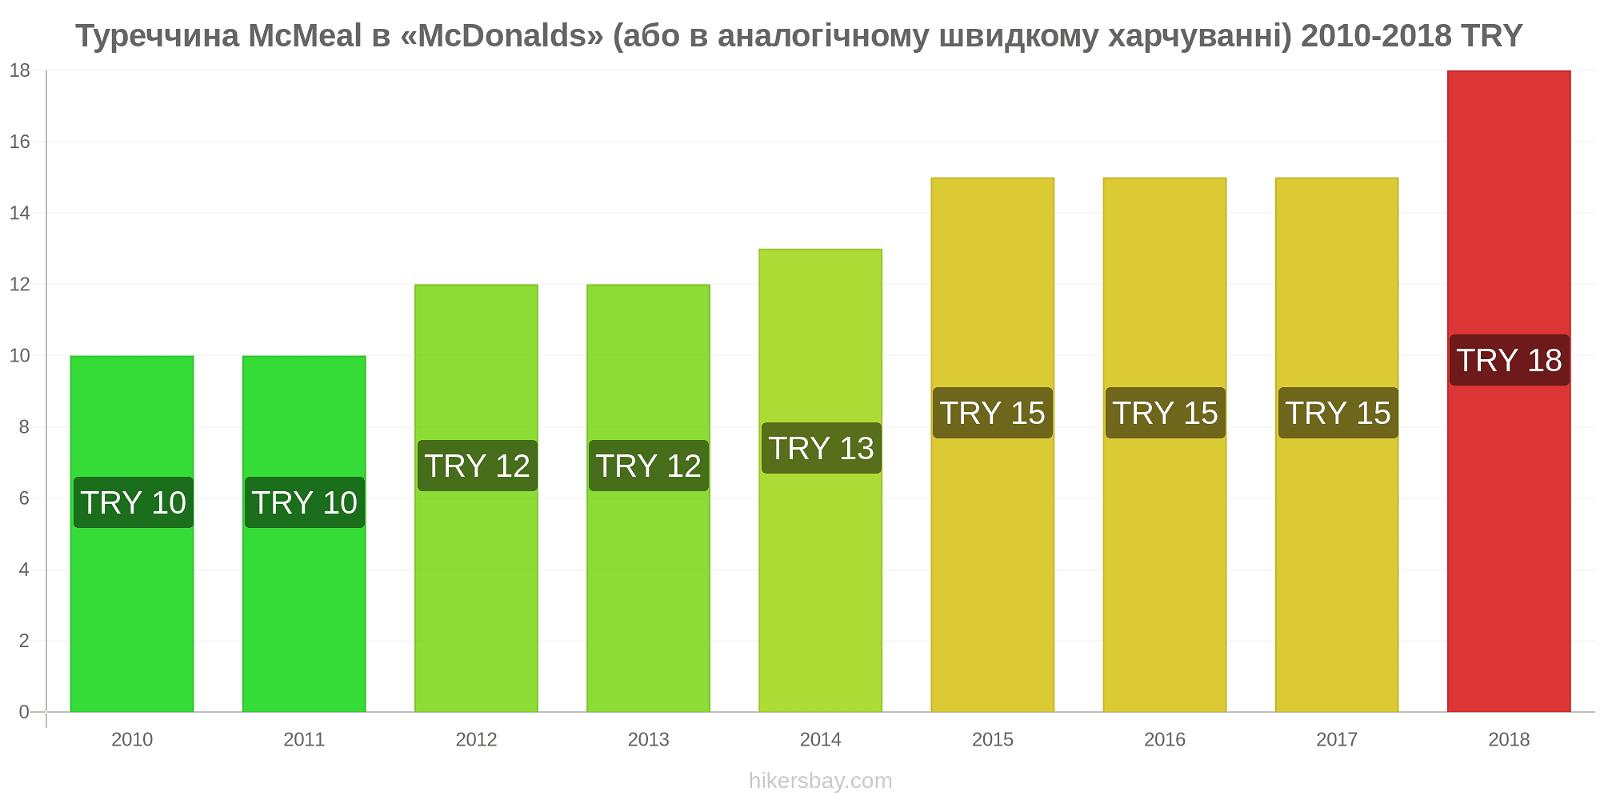 Туреччина зміни цін McMeal в «McDonalds» (або в аналогічному швидкому харчуванні) hikersbay.com